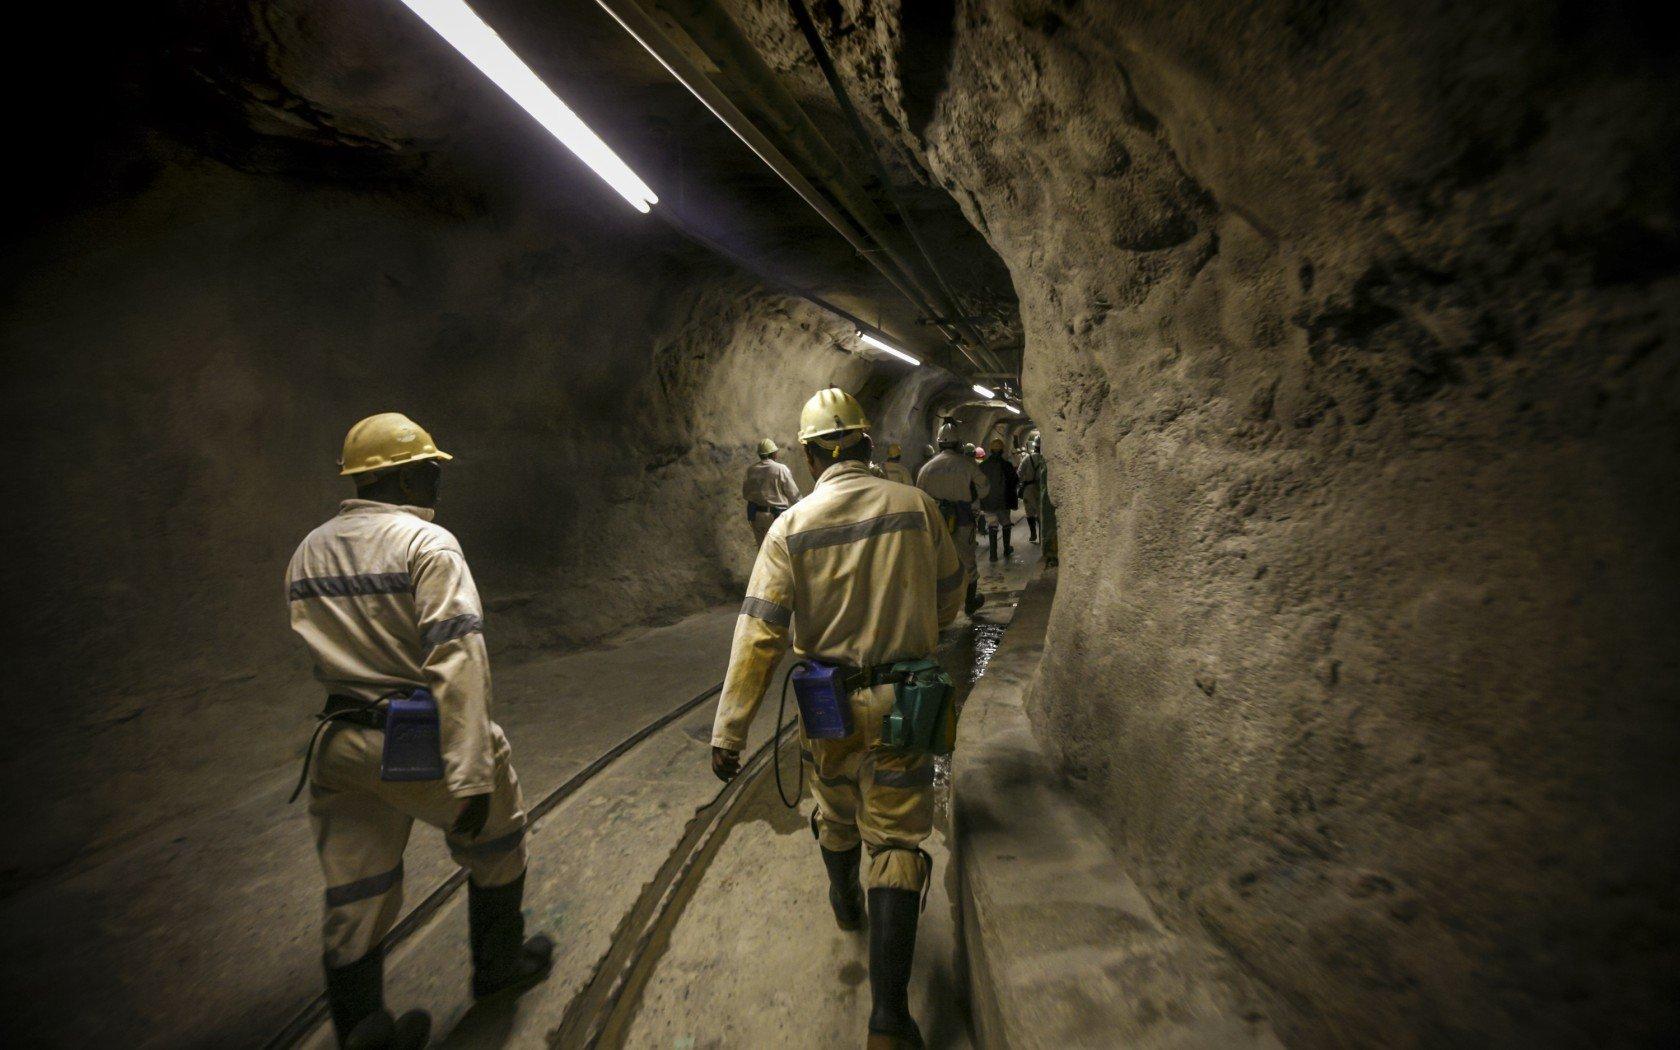 В Польше погиб человек при землетрясении в шахте